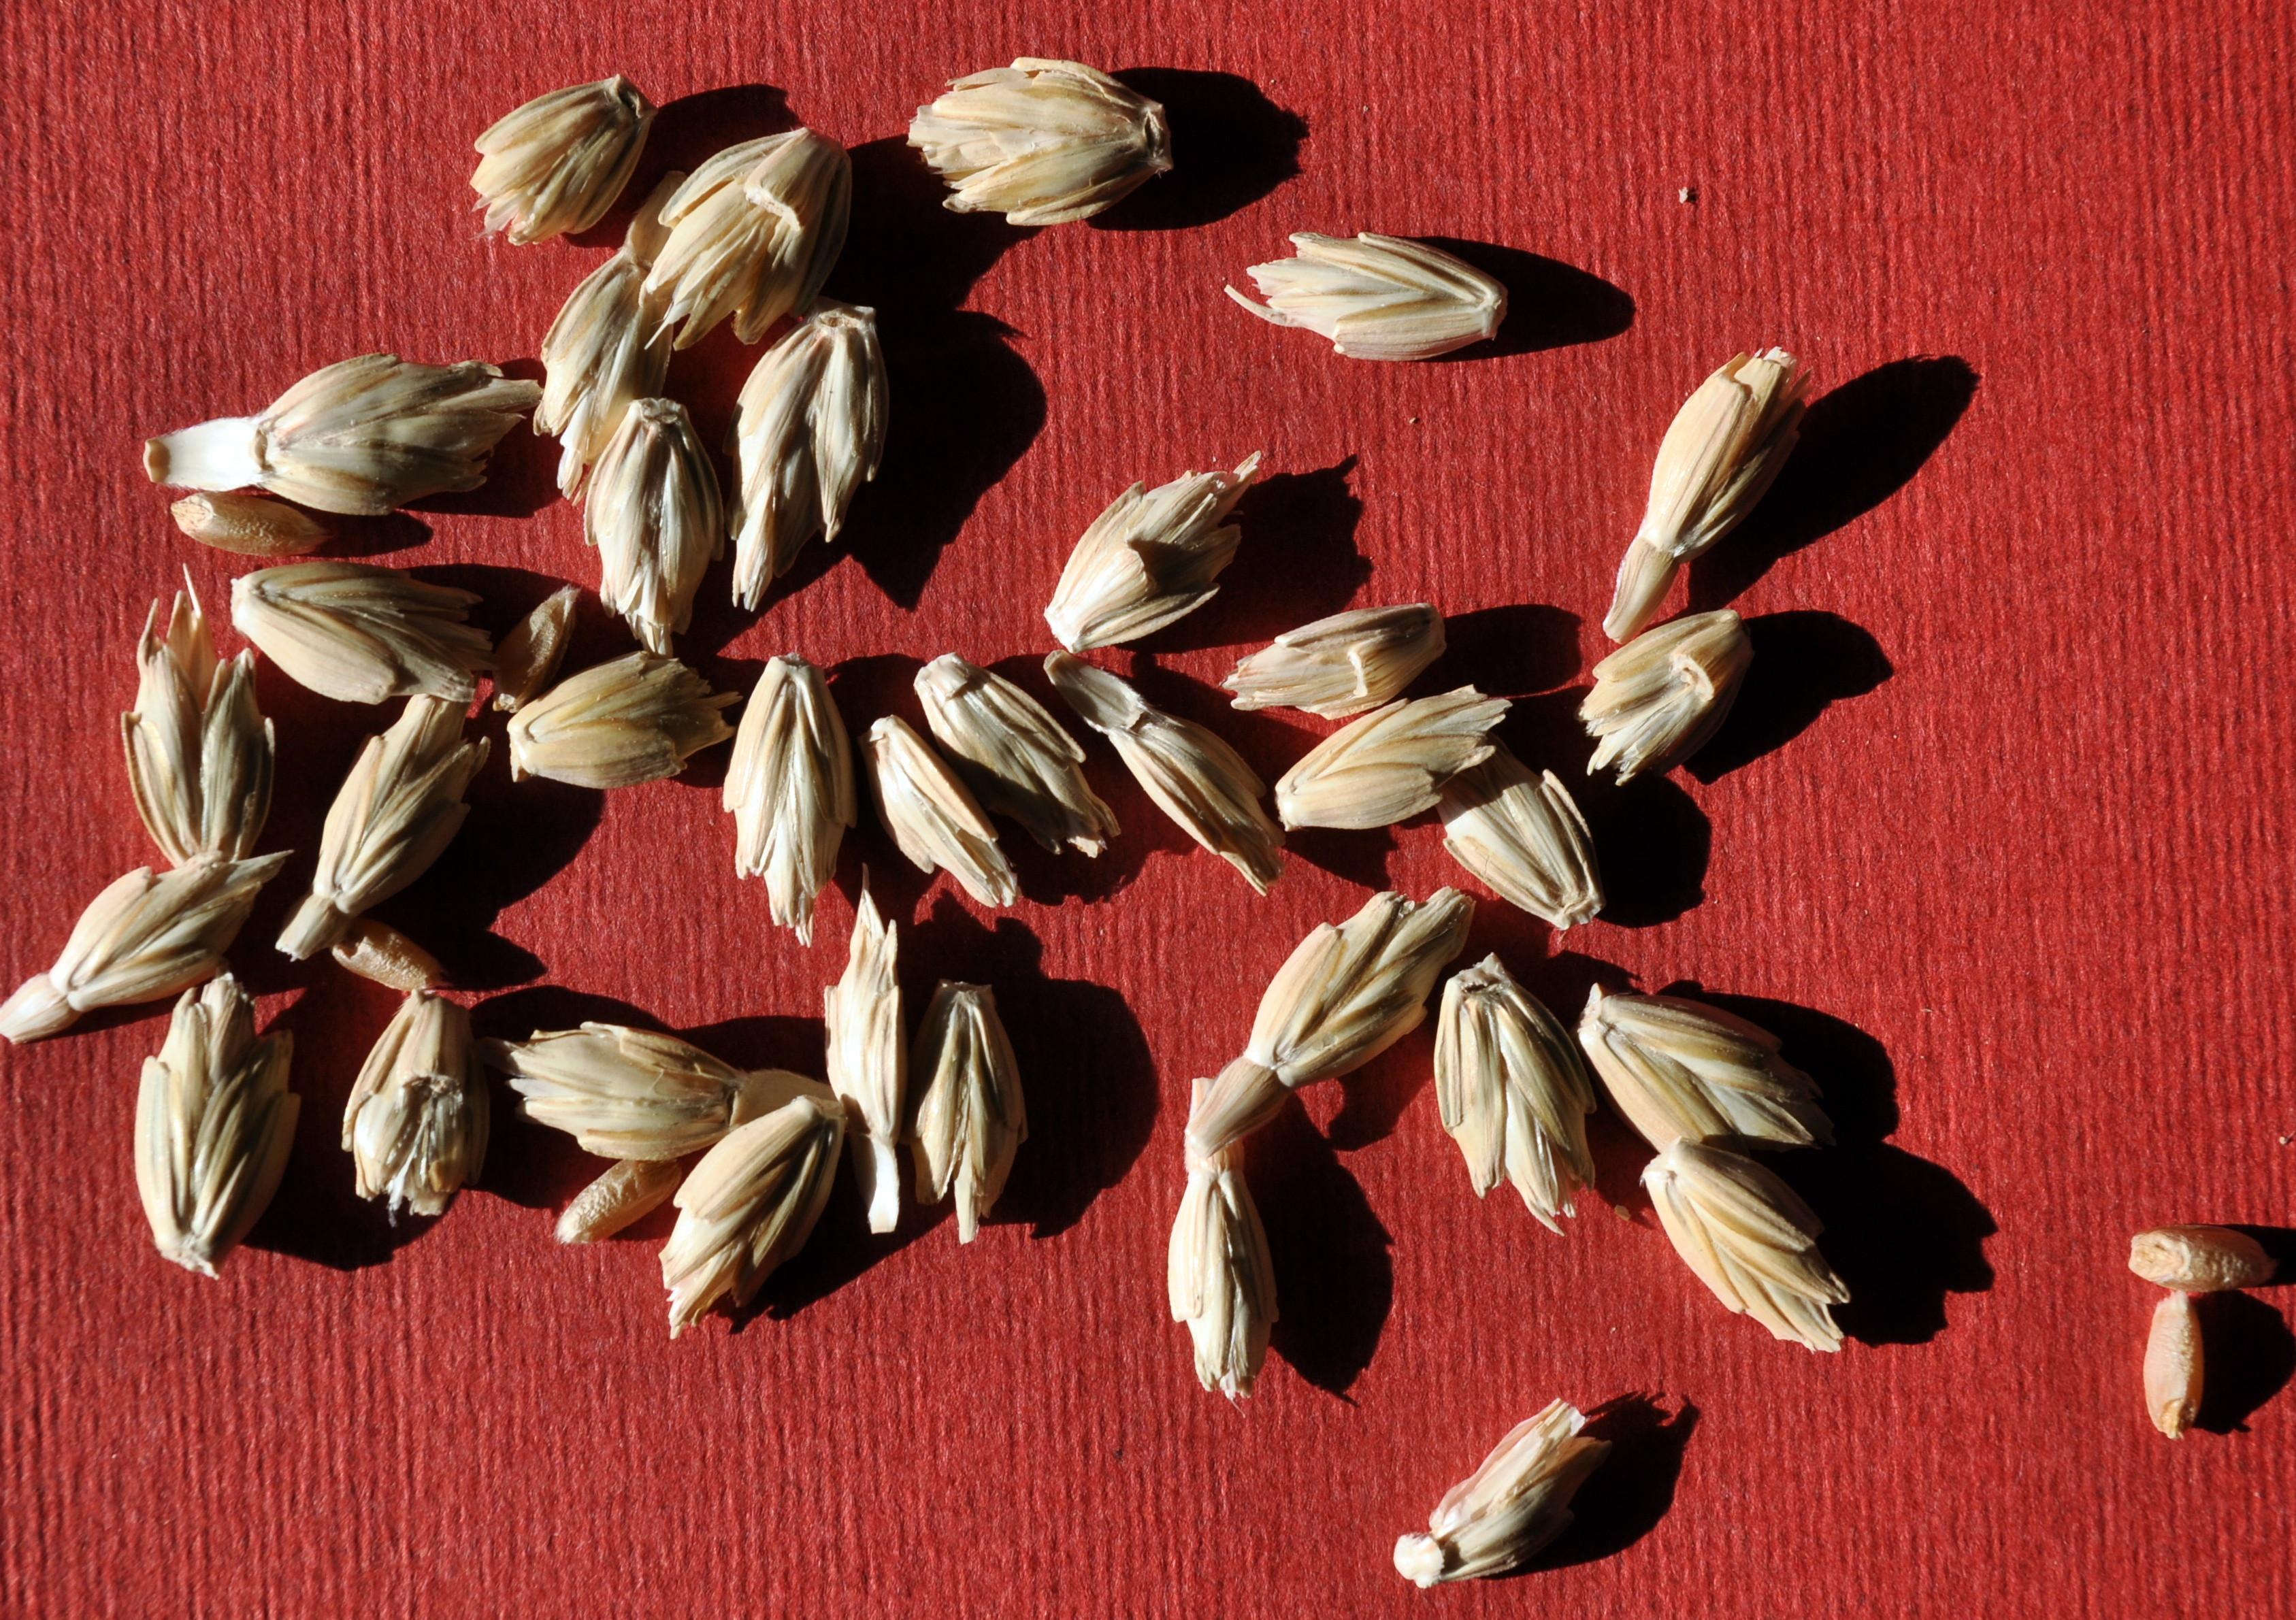 epeautre ressac grains casnin.jpg